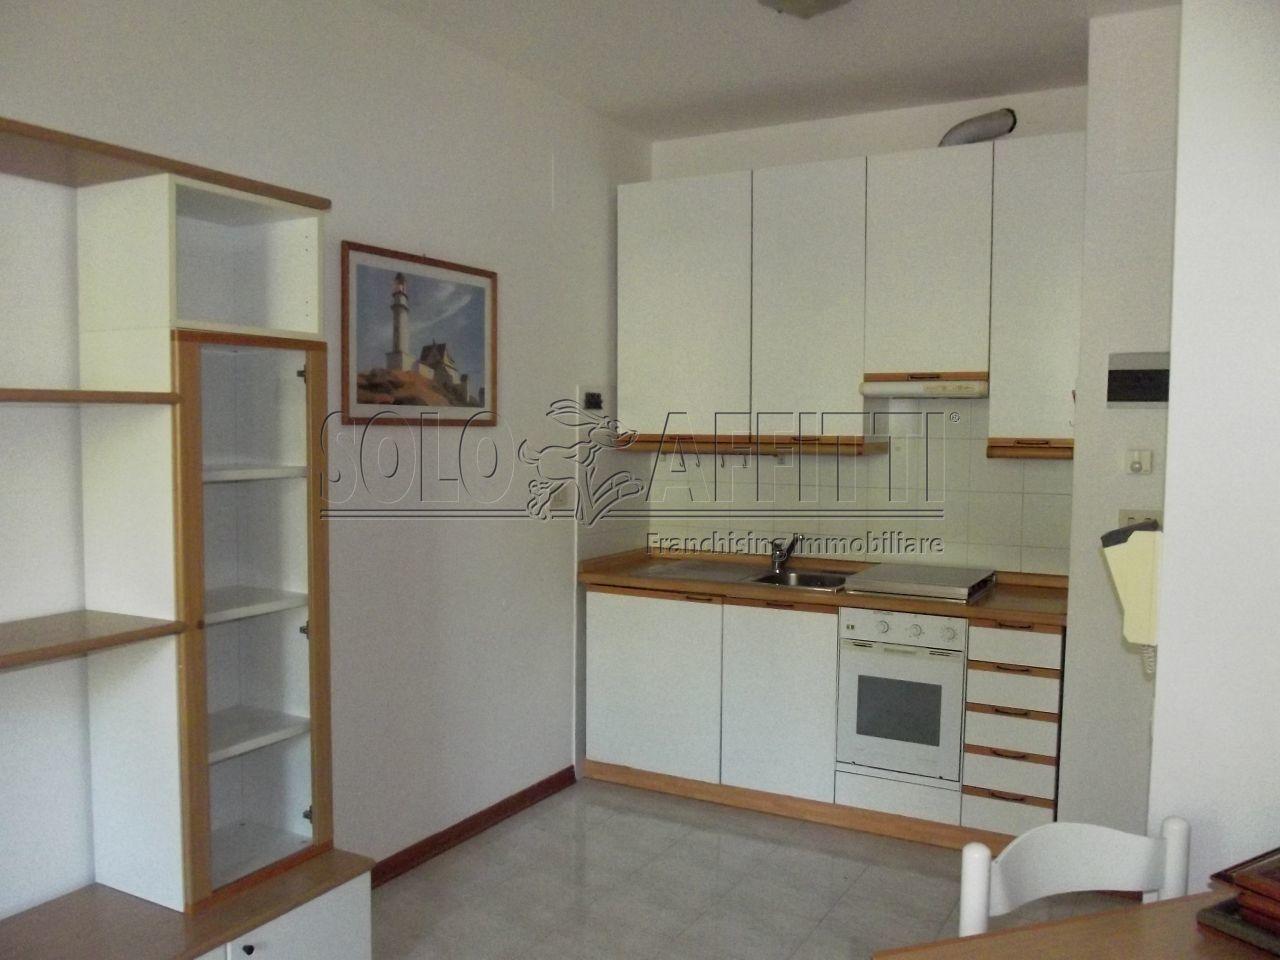 Bilocale Perugia Via Dell'arcolaio 74 6